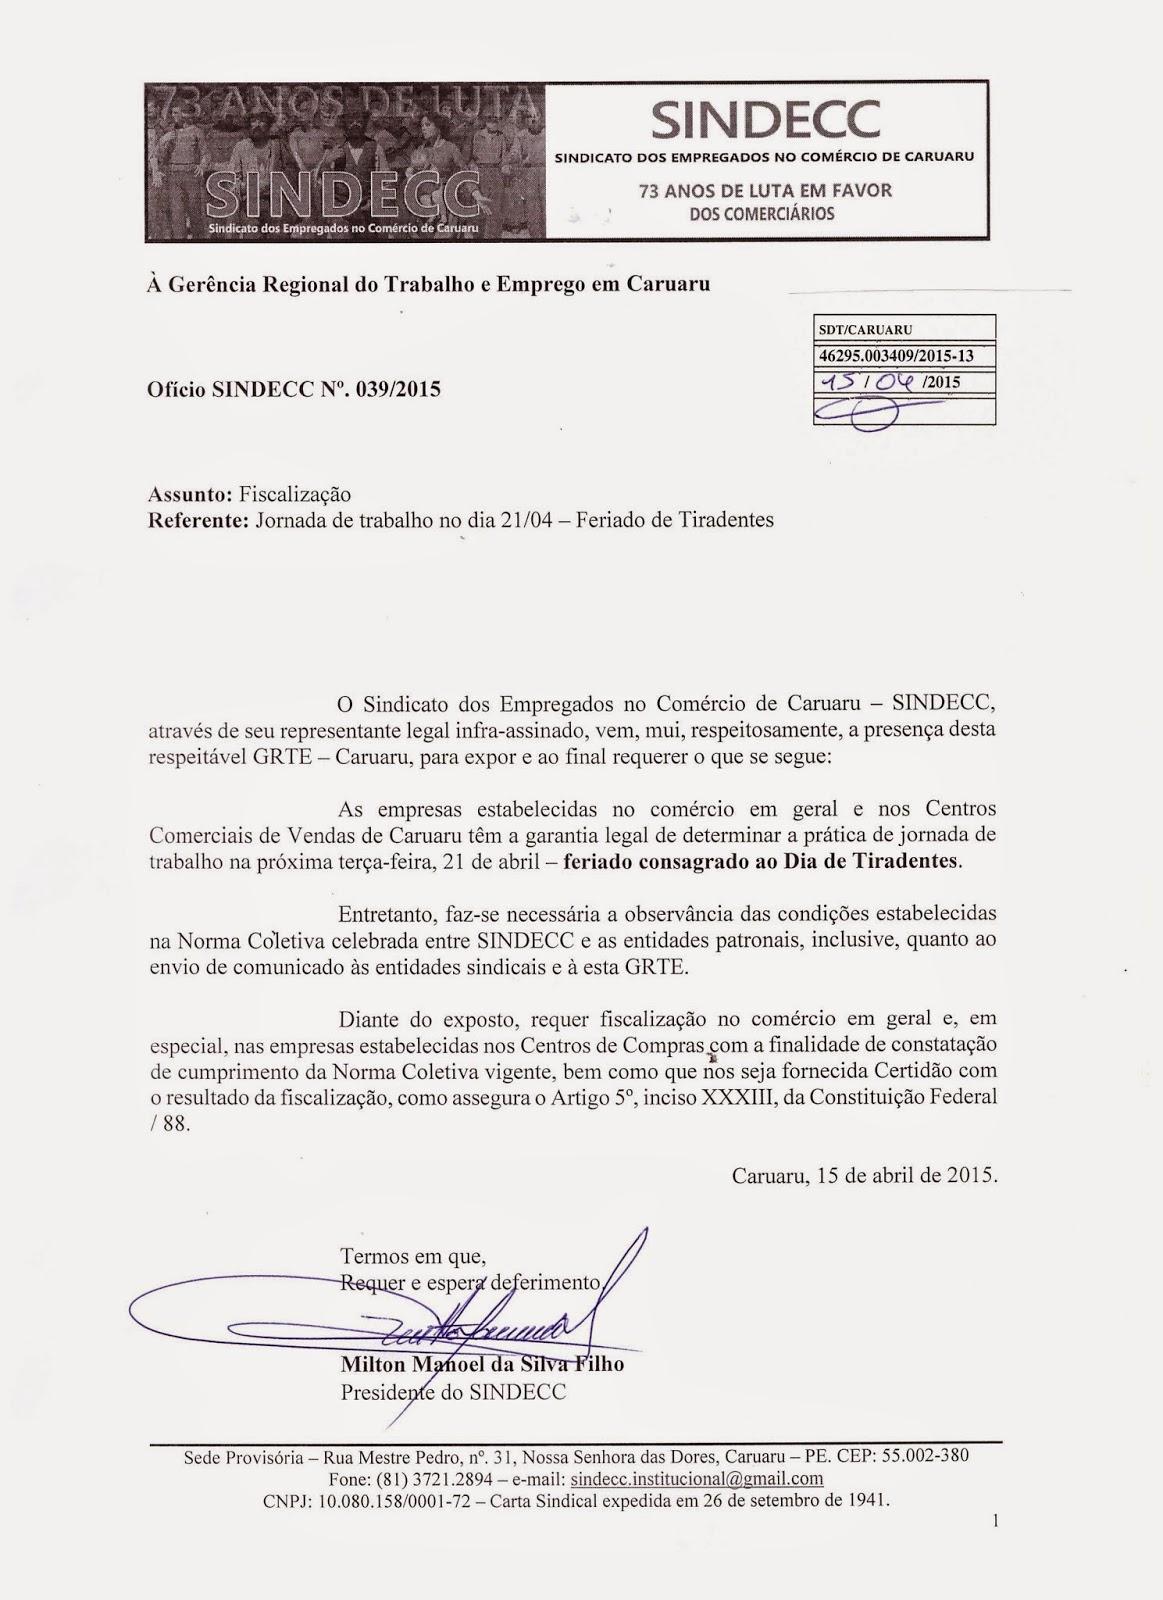 O SINDECC JÁ REQUEREU FISCALIZAÇÃO PARA O FERIADO DE 21.